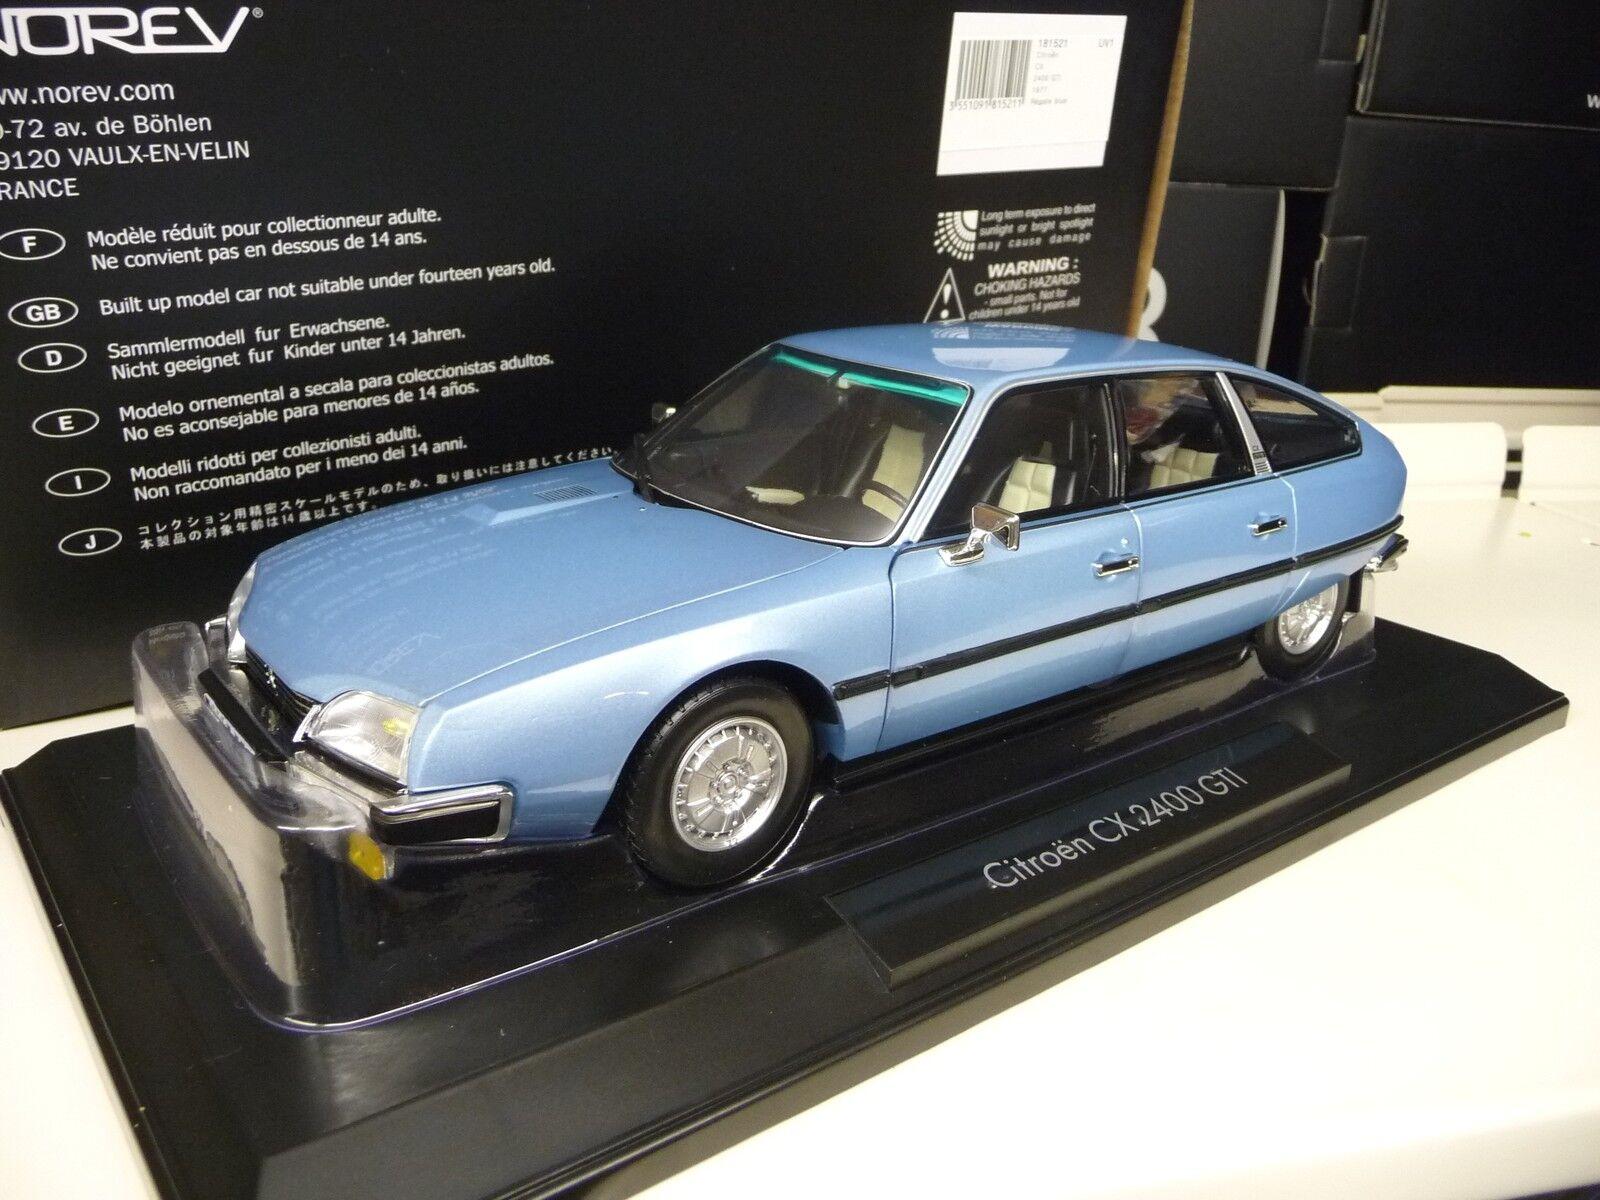 Citroen cx 2400 gti 1,18 norev 1977 blau blau metallic neue neue